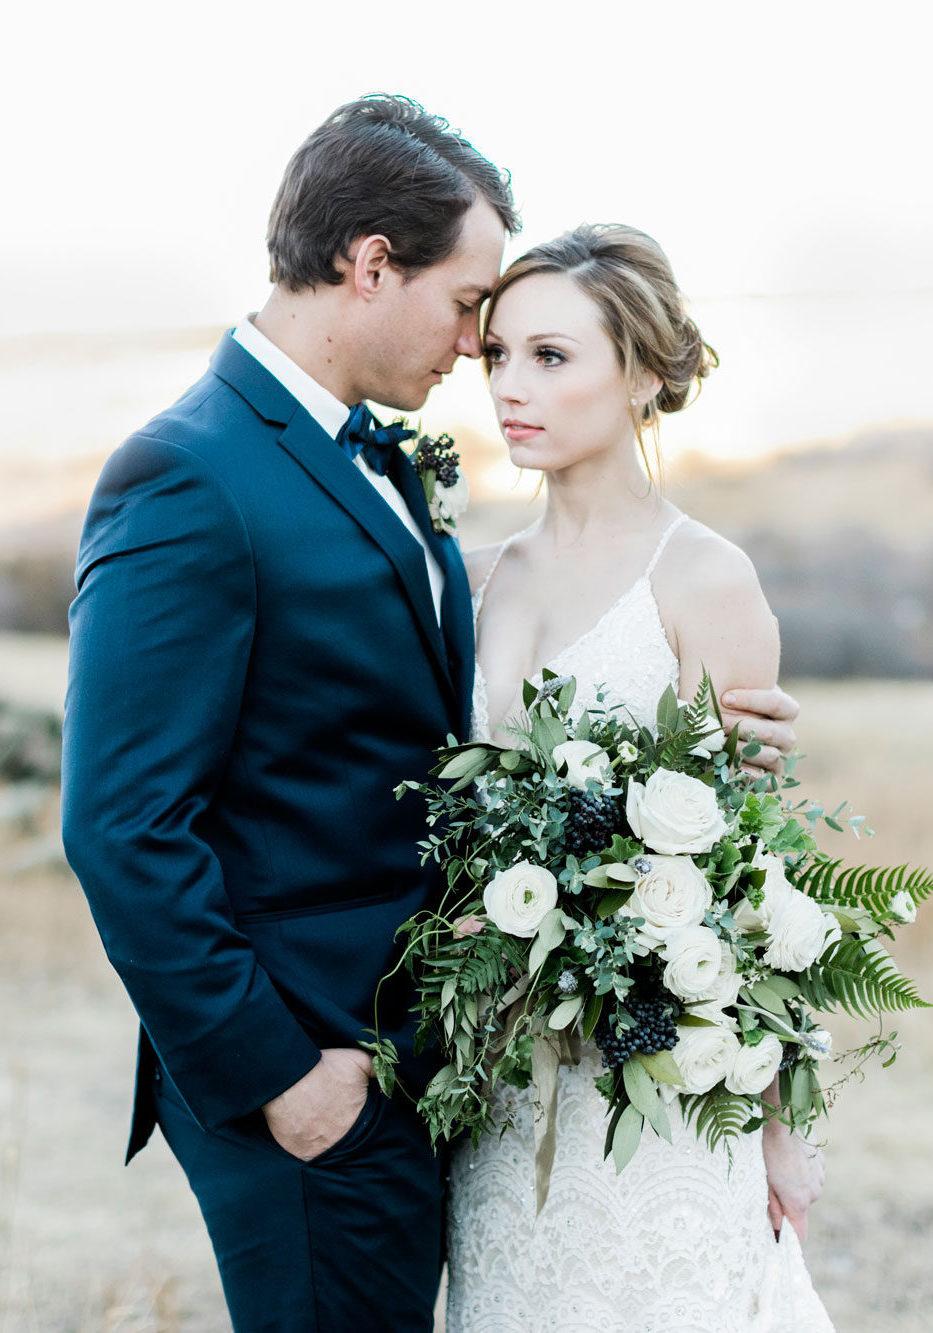 A Natural & Romantic Wedding Shoot in Colorado